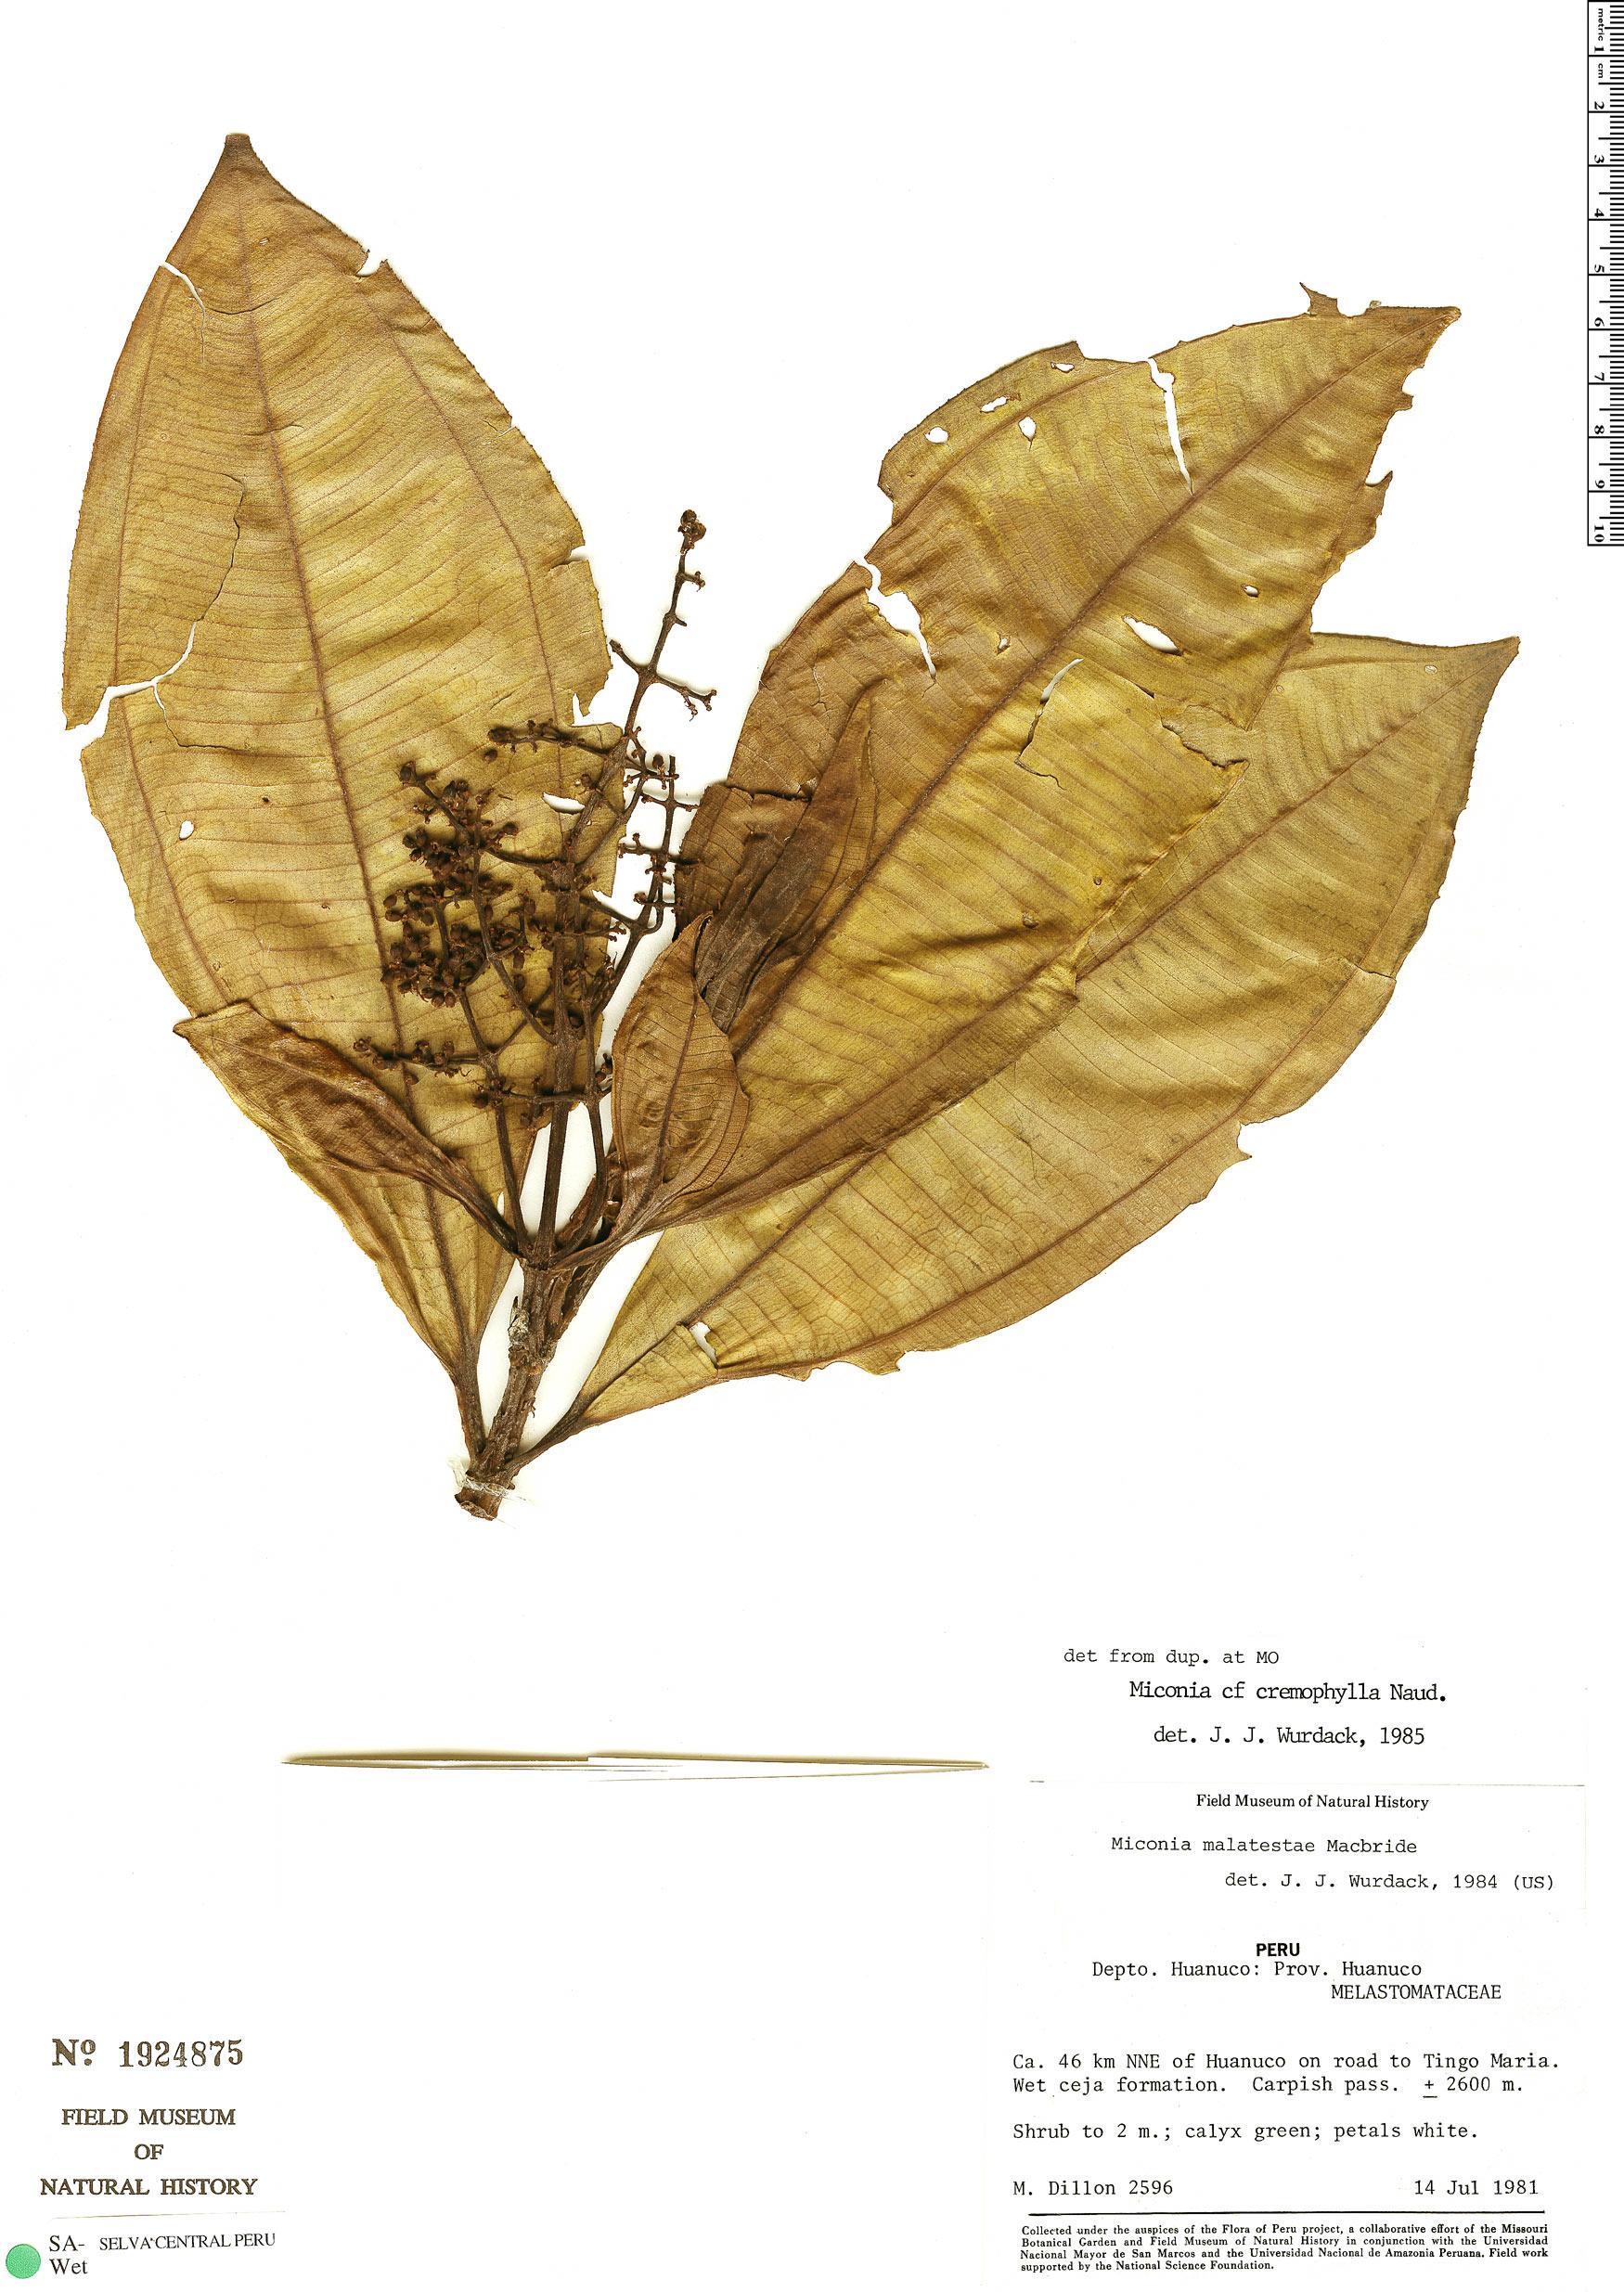 Specimen: Miconia cremophylla